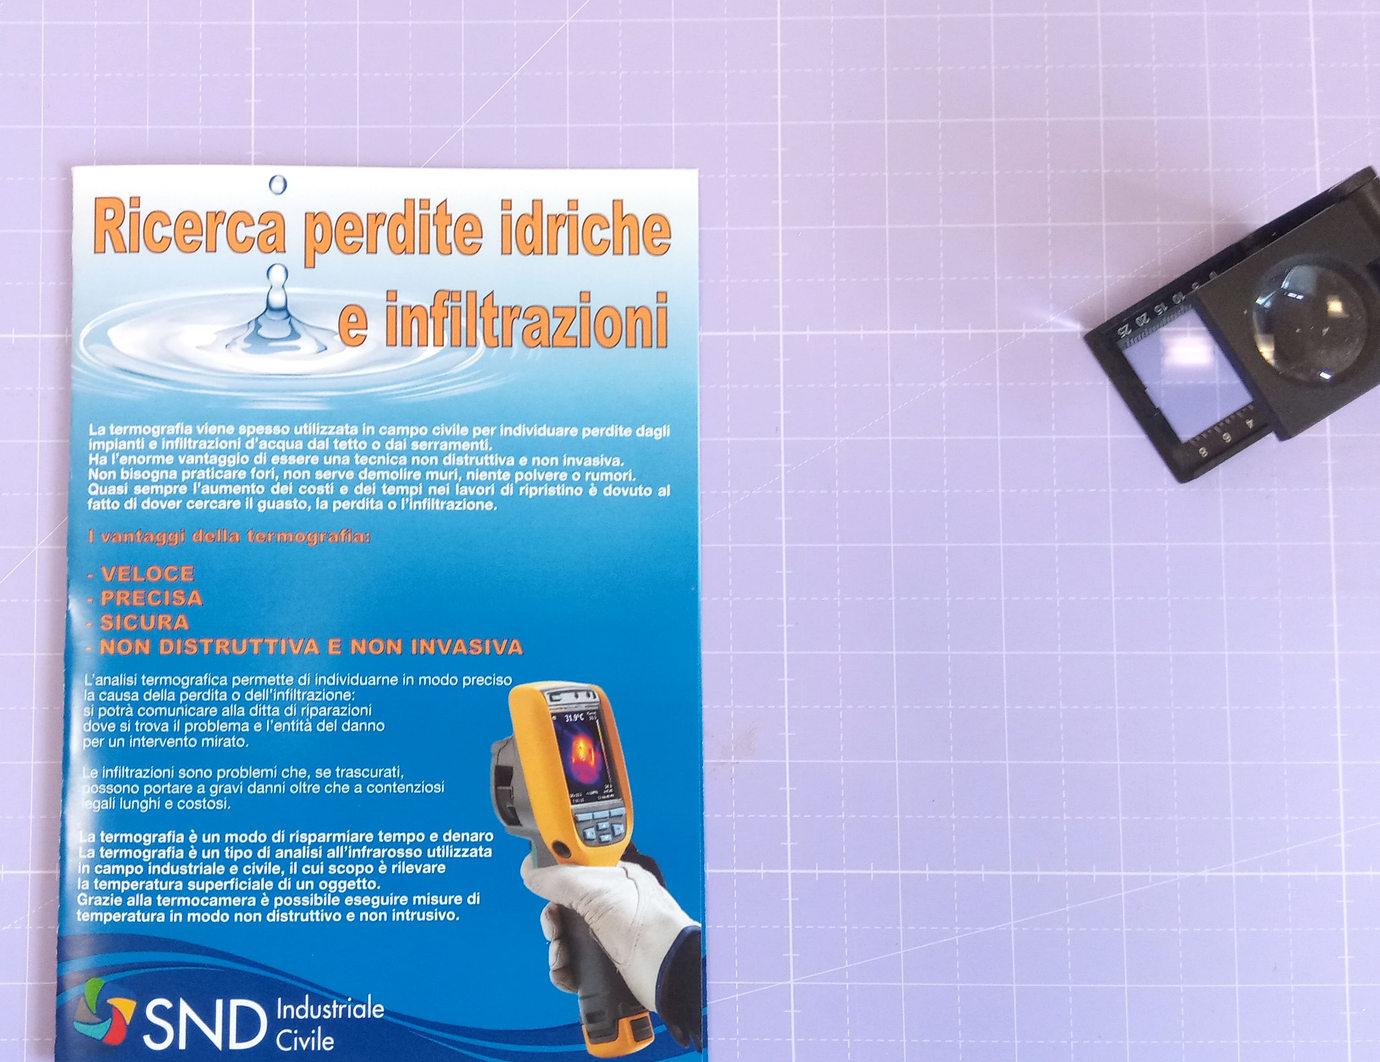 Grafica, stampa e realizzazione Volantino SND Industriale e Civile a 4/4 colori su carta patinata opaca con piega a 4no